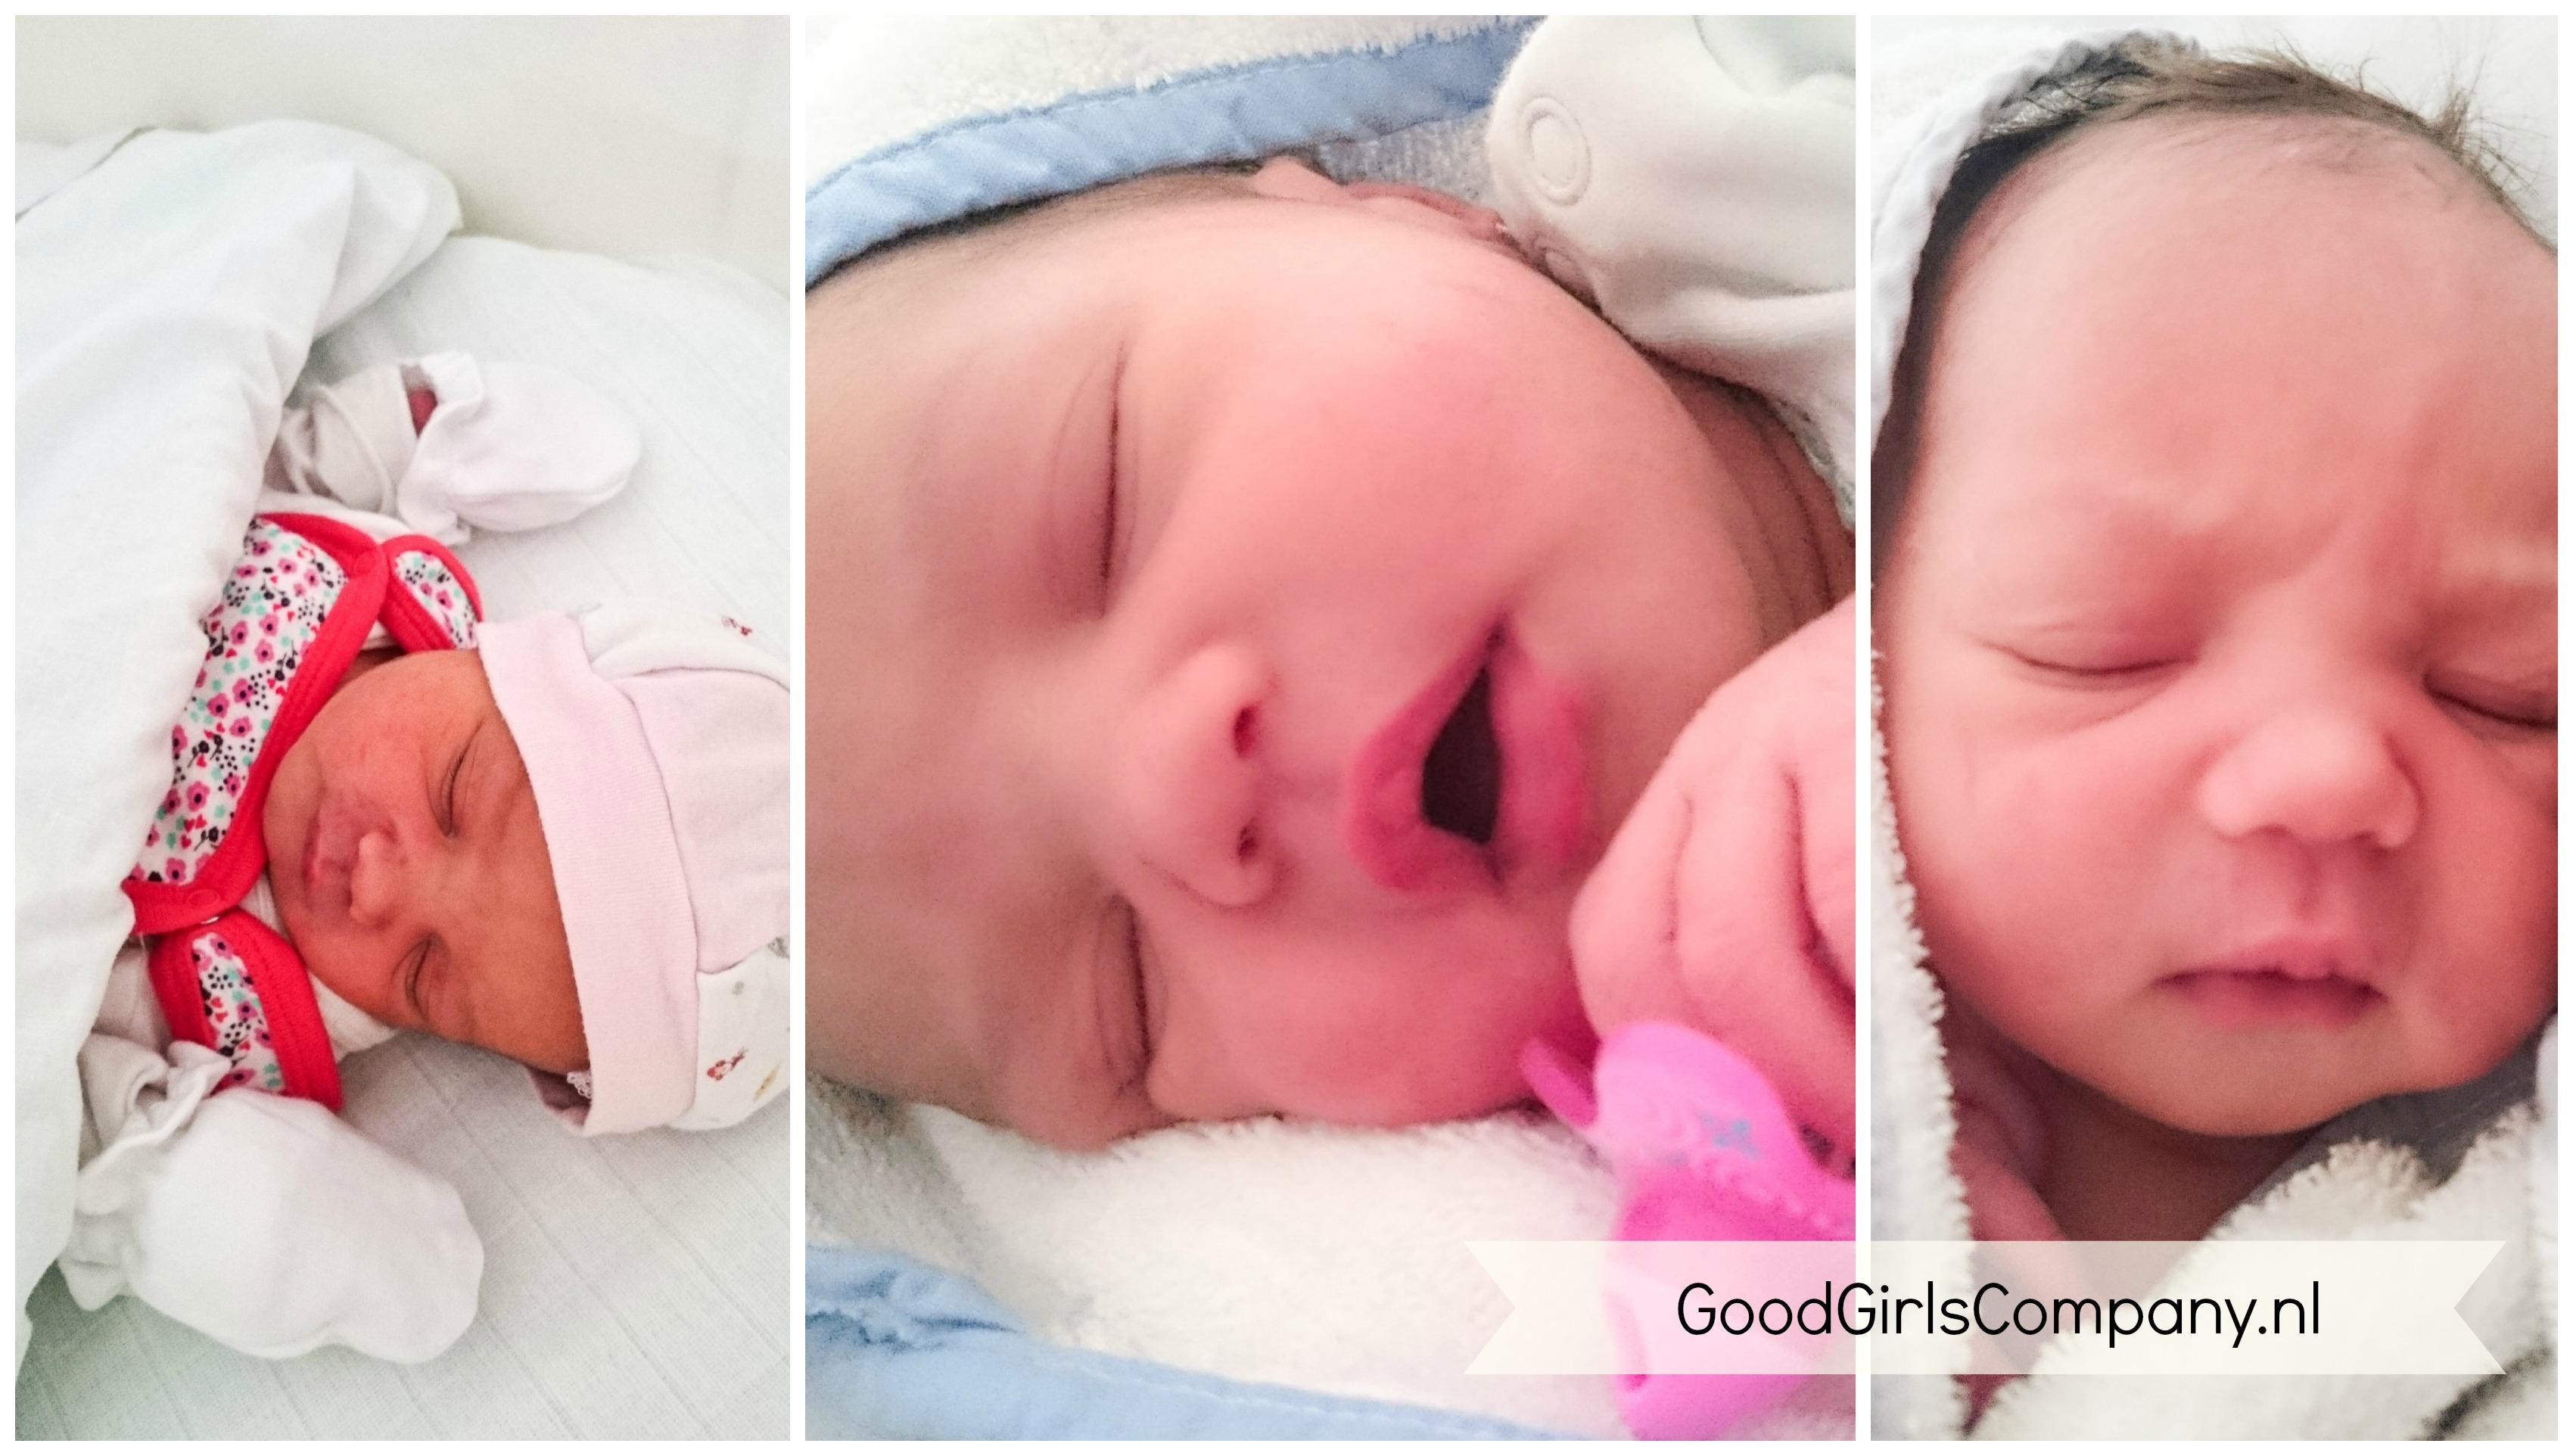 GoodGirlsCompany-geboorte miss C-geboren-39 weken zwanger-oudere broertjes en zusjes betrekken bij gezinsuitbreiding